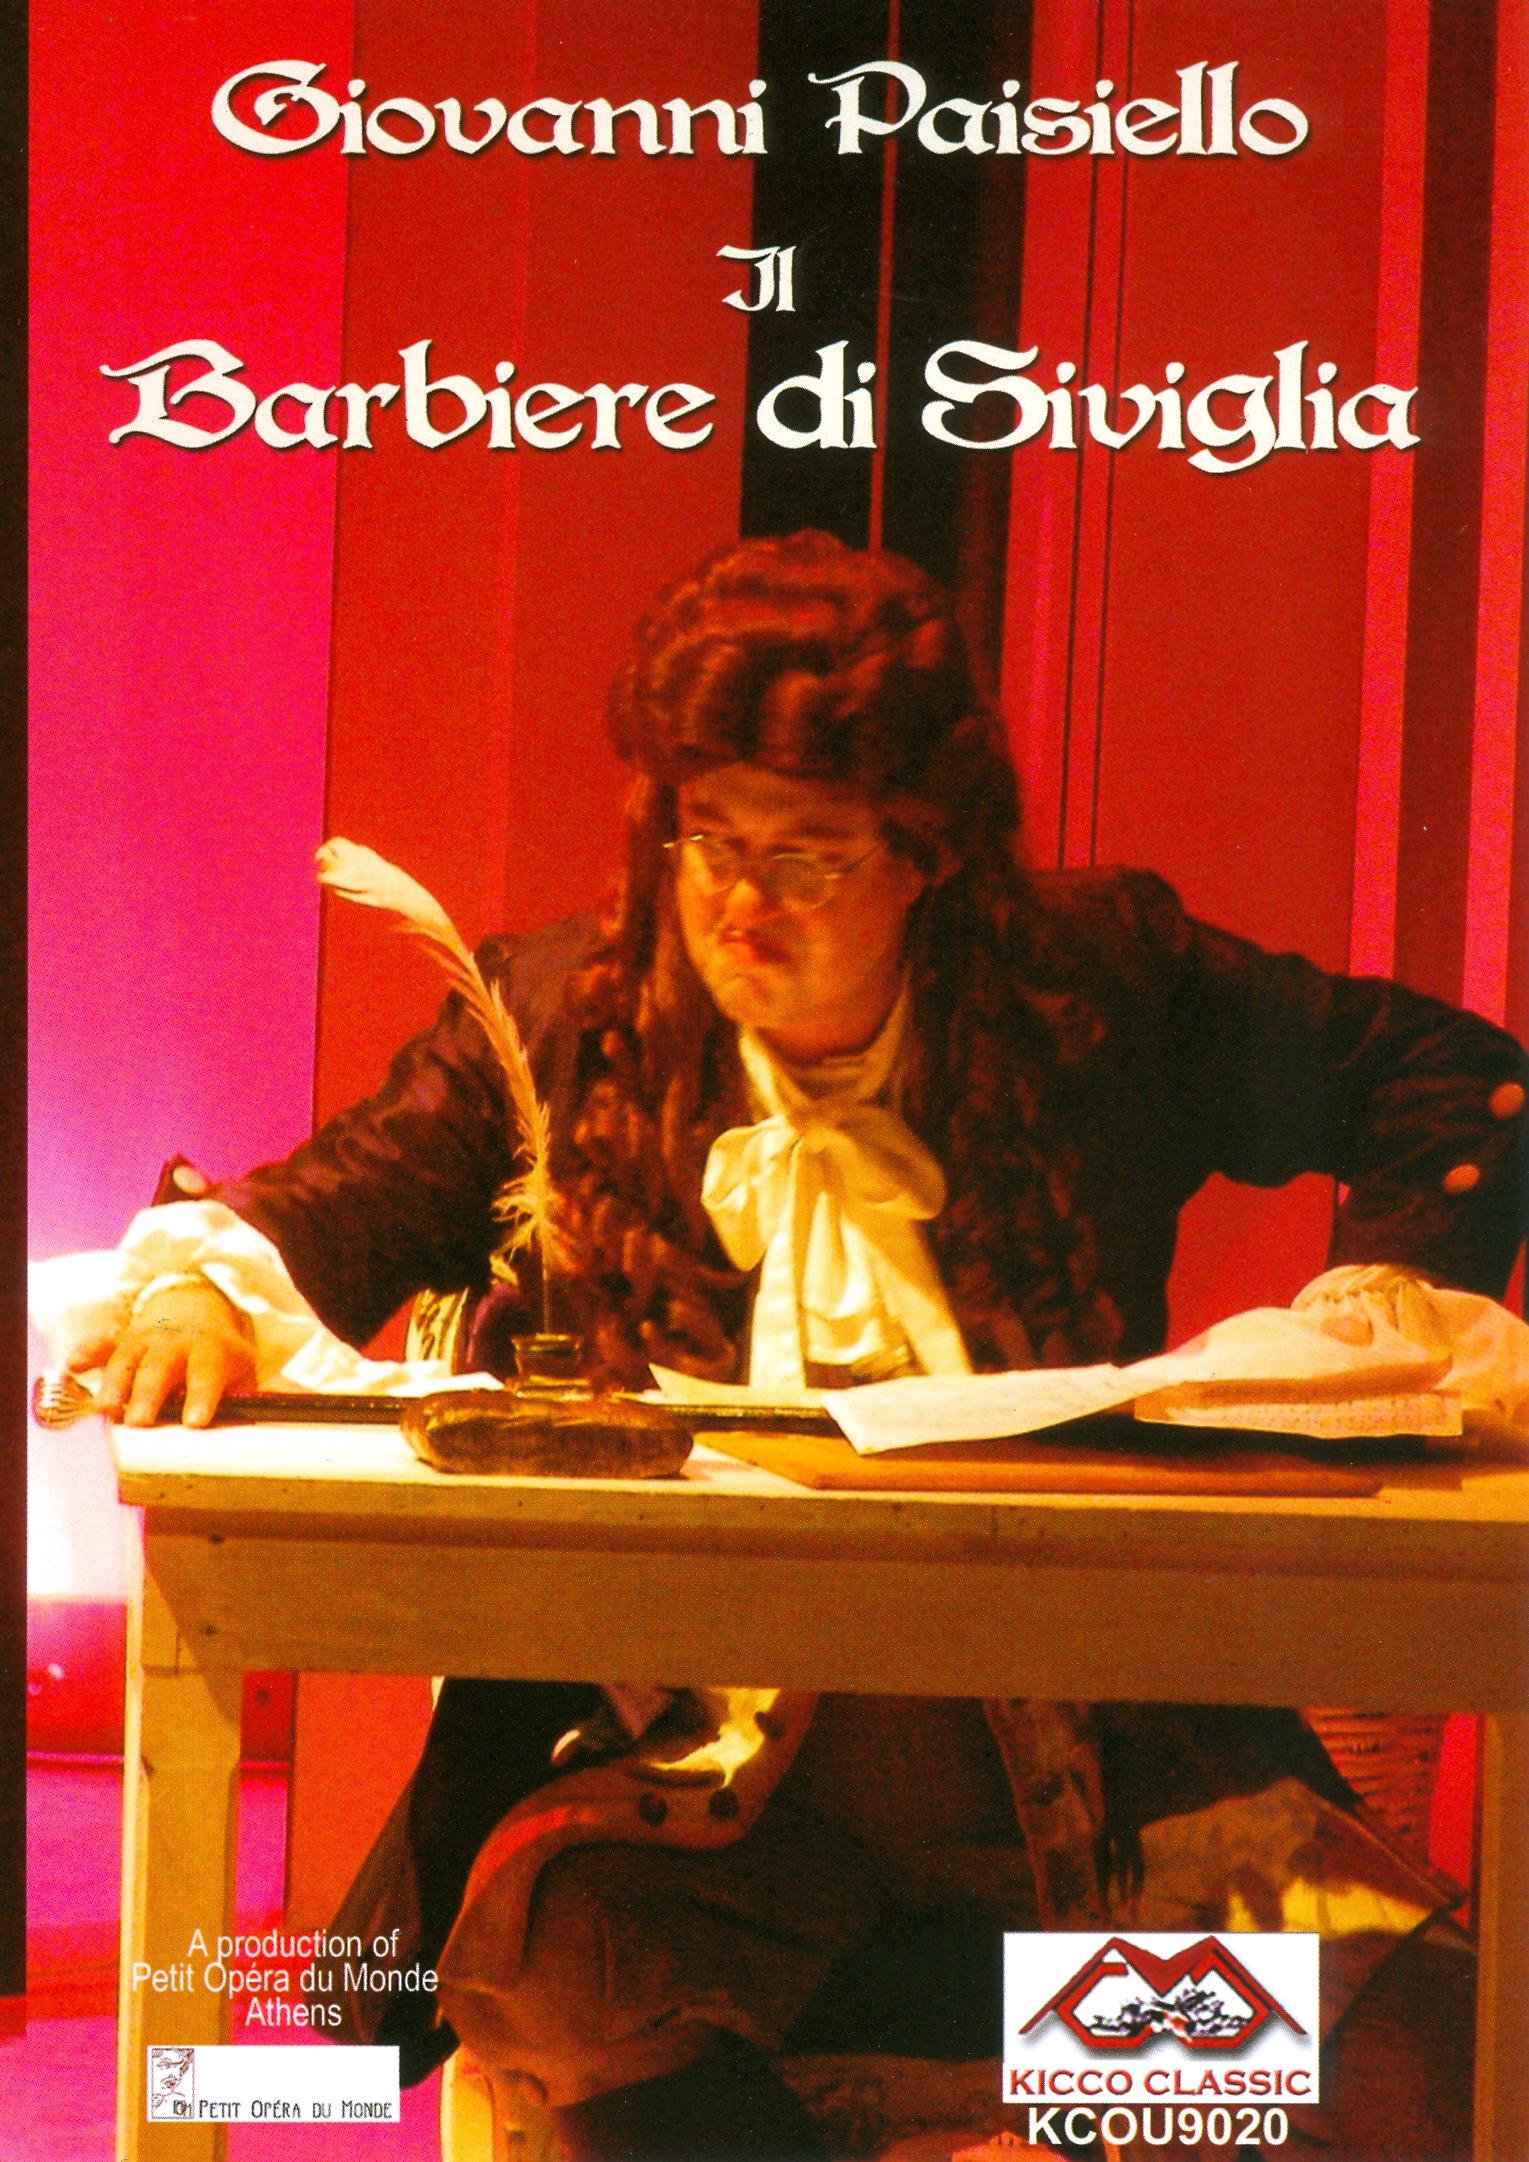 Il Barbiere di Siviglia (Petite Opera du Monde, Athens)